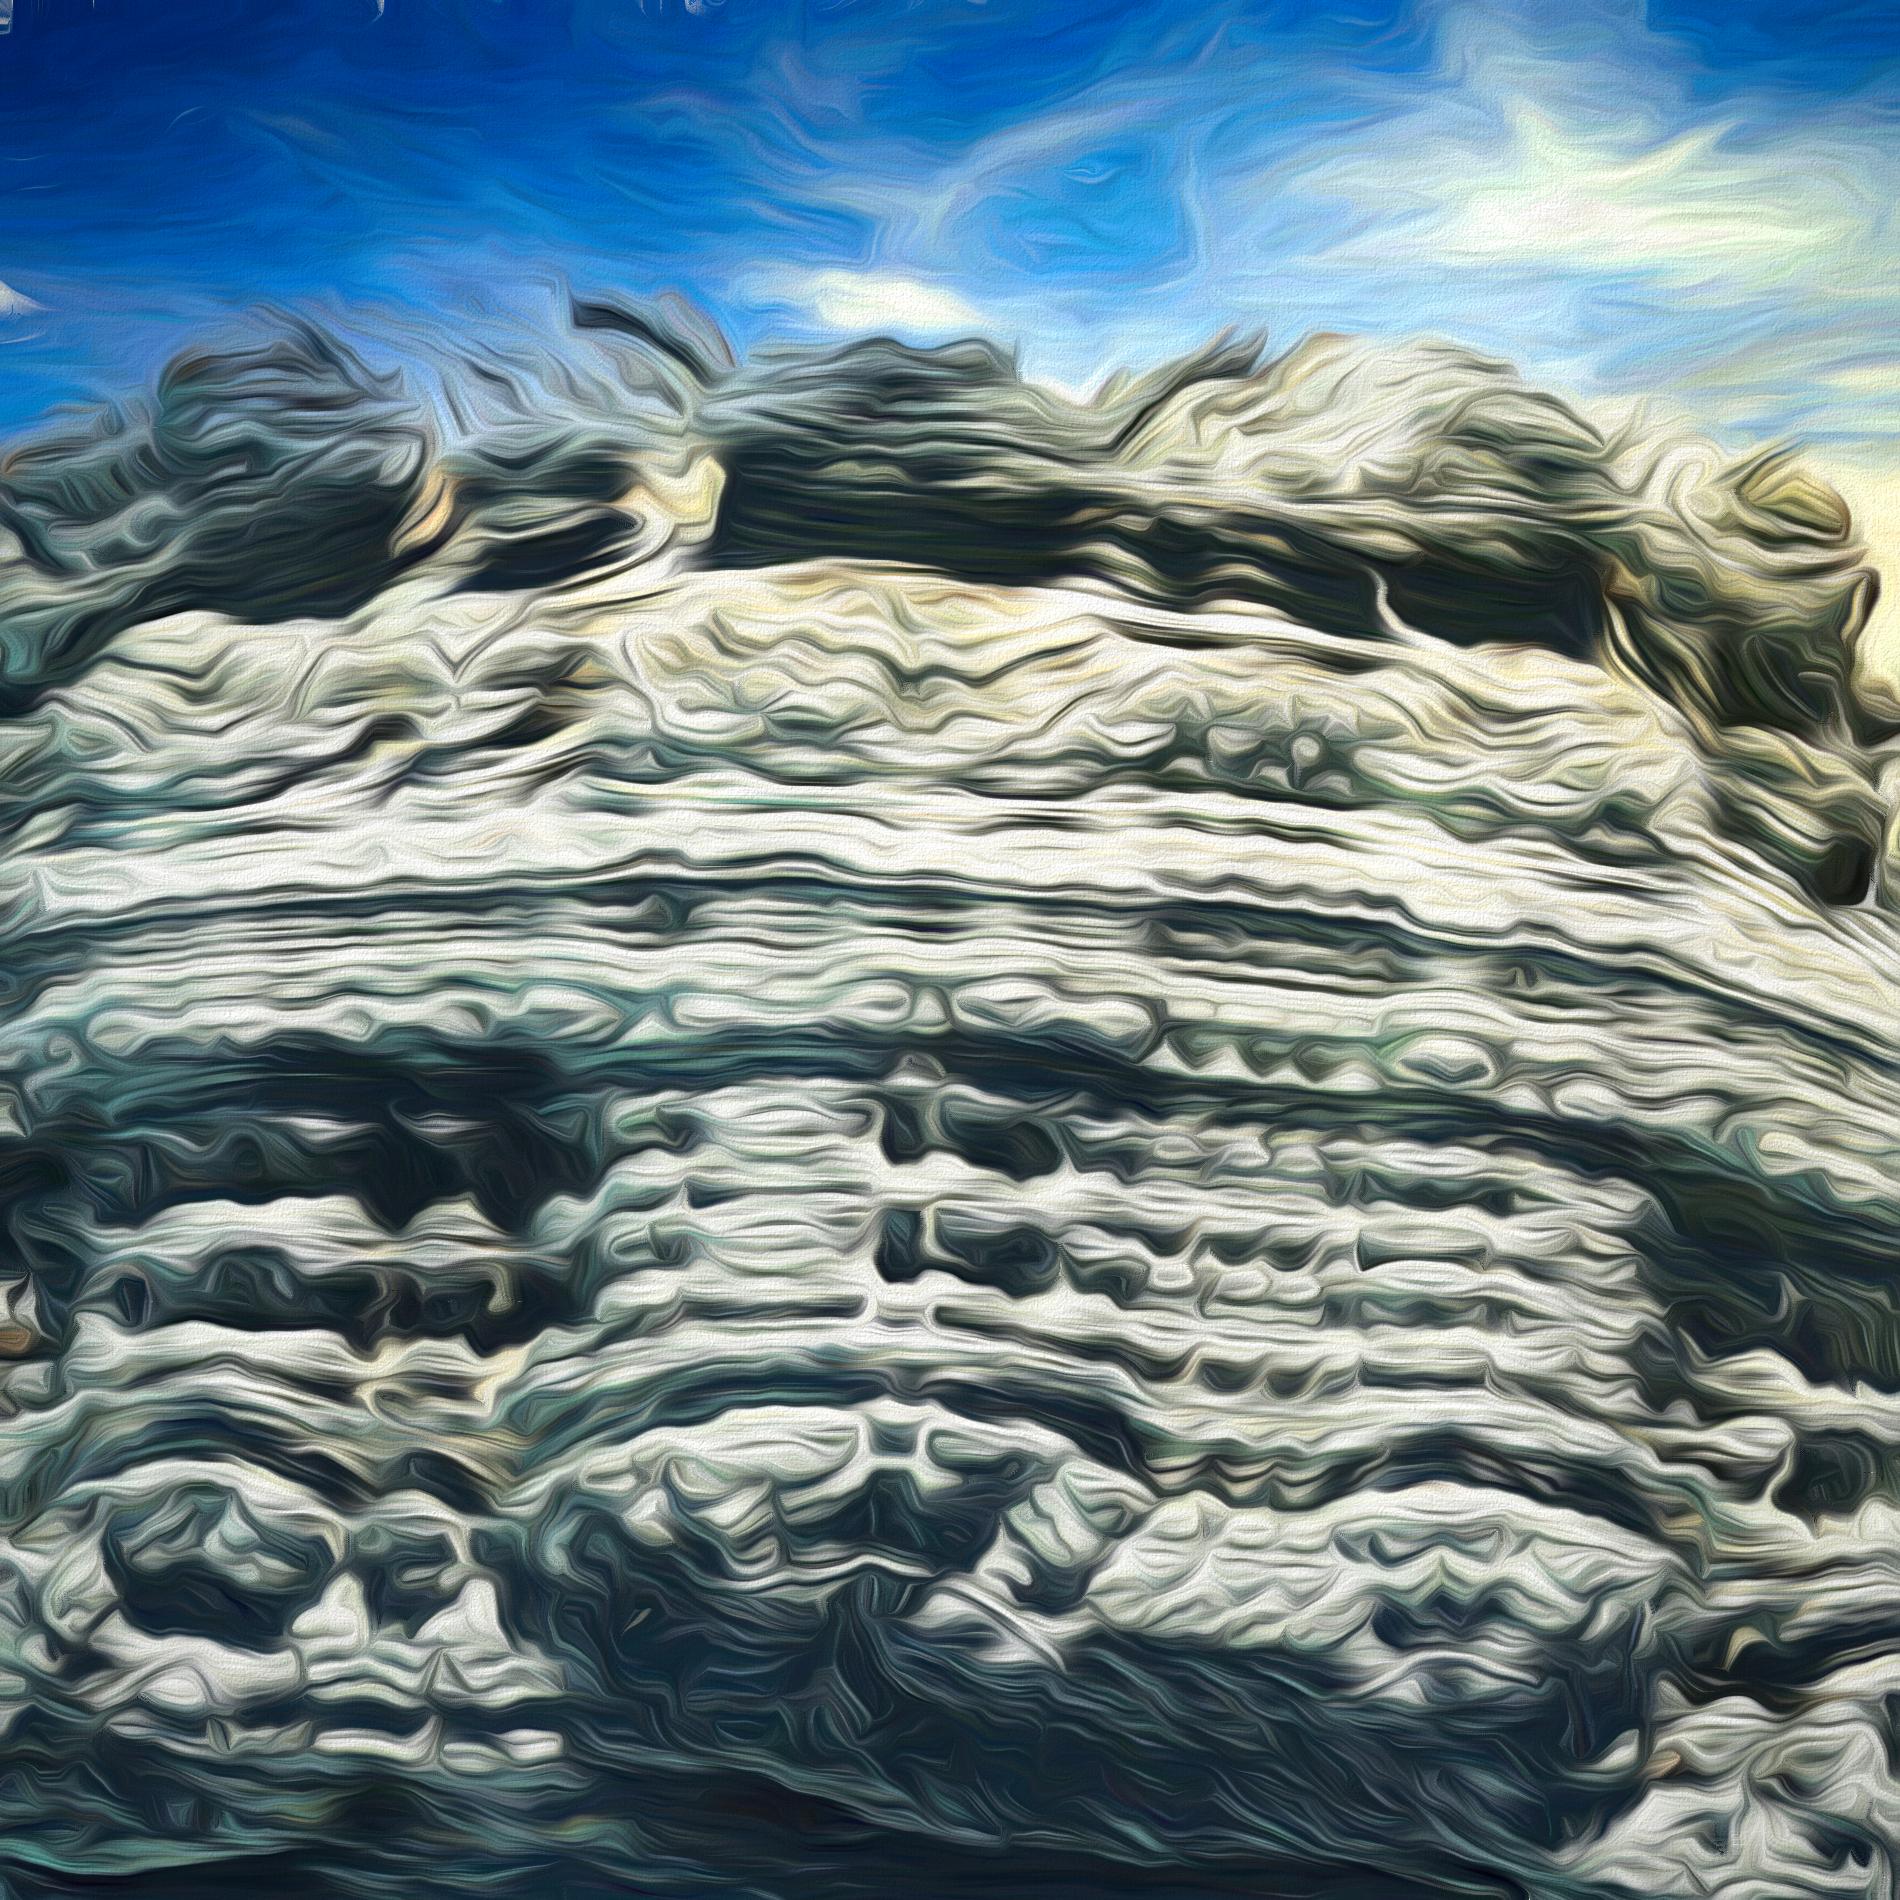 絶壁で冷たい岩肌&冒険アドベンチャー風の山:柔らかソフト